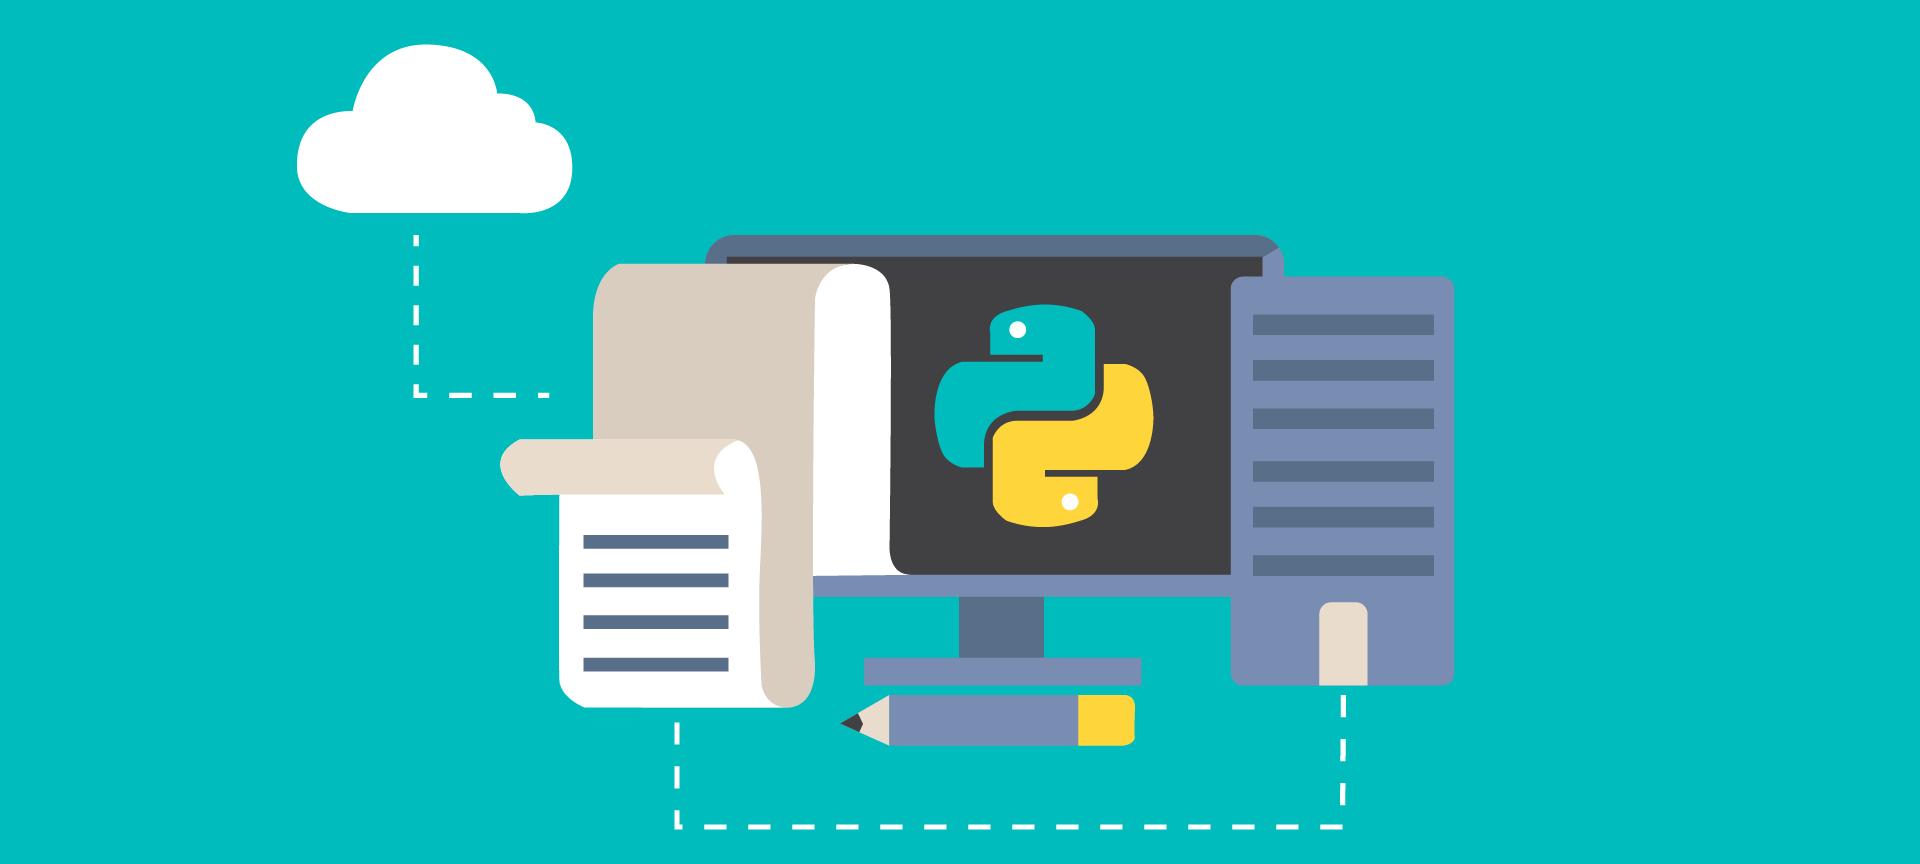 А ты знал? 10 фактов о Python